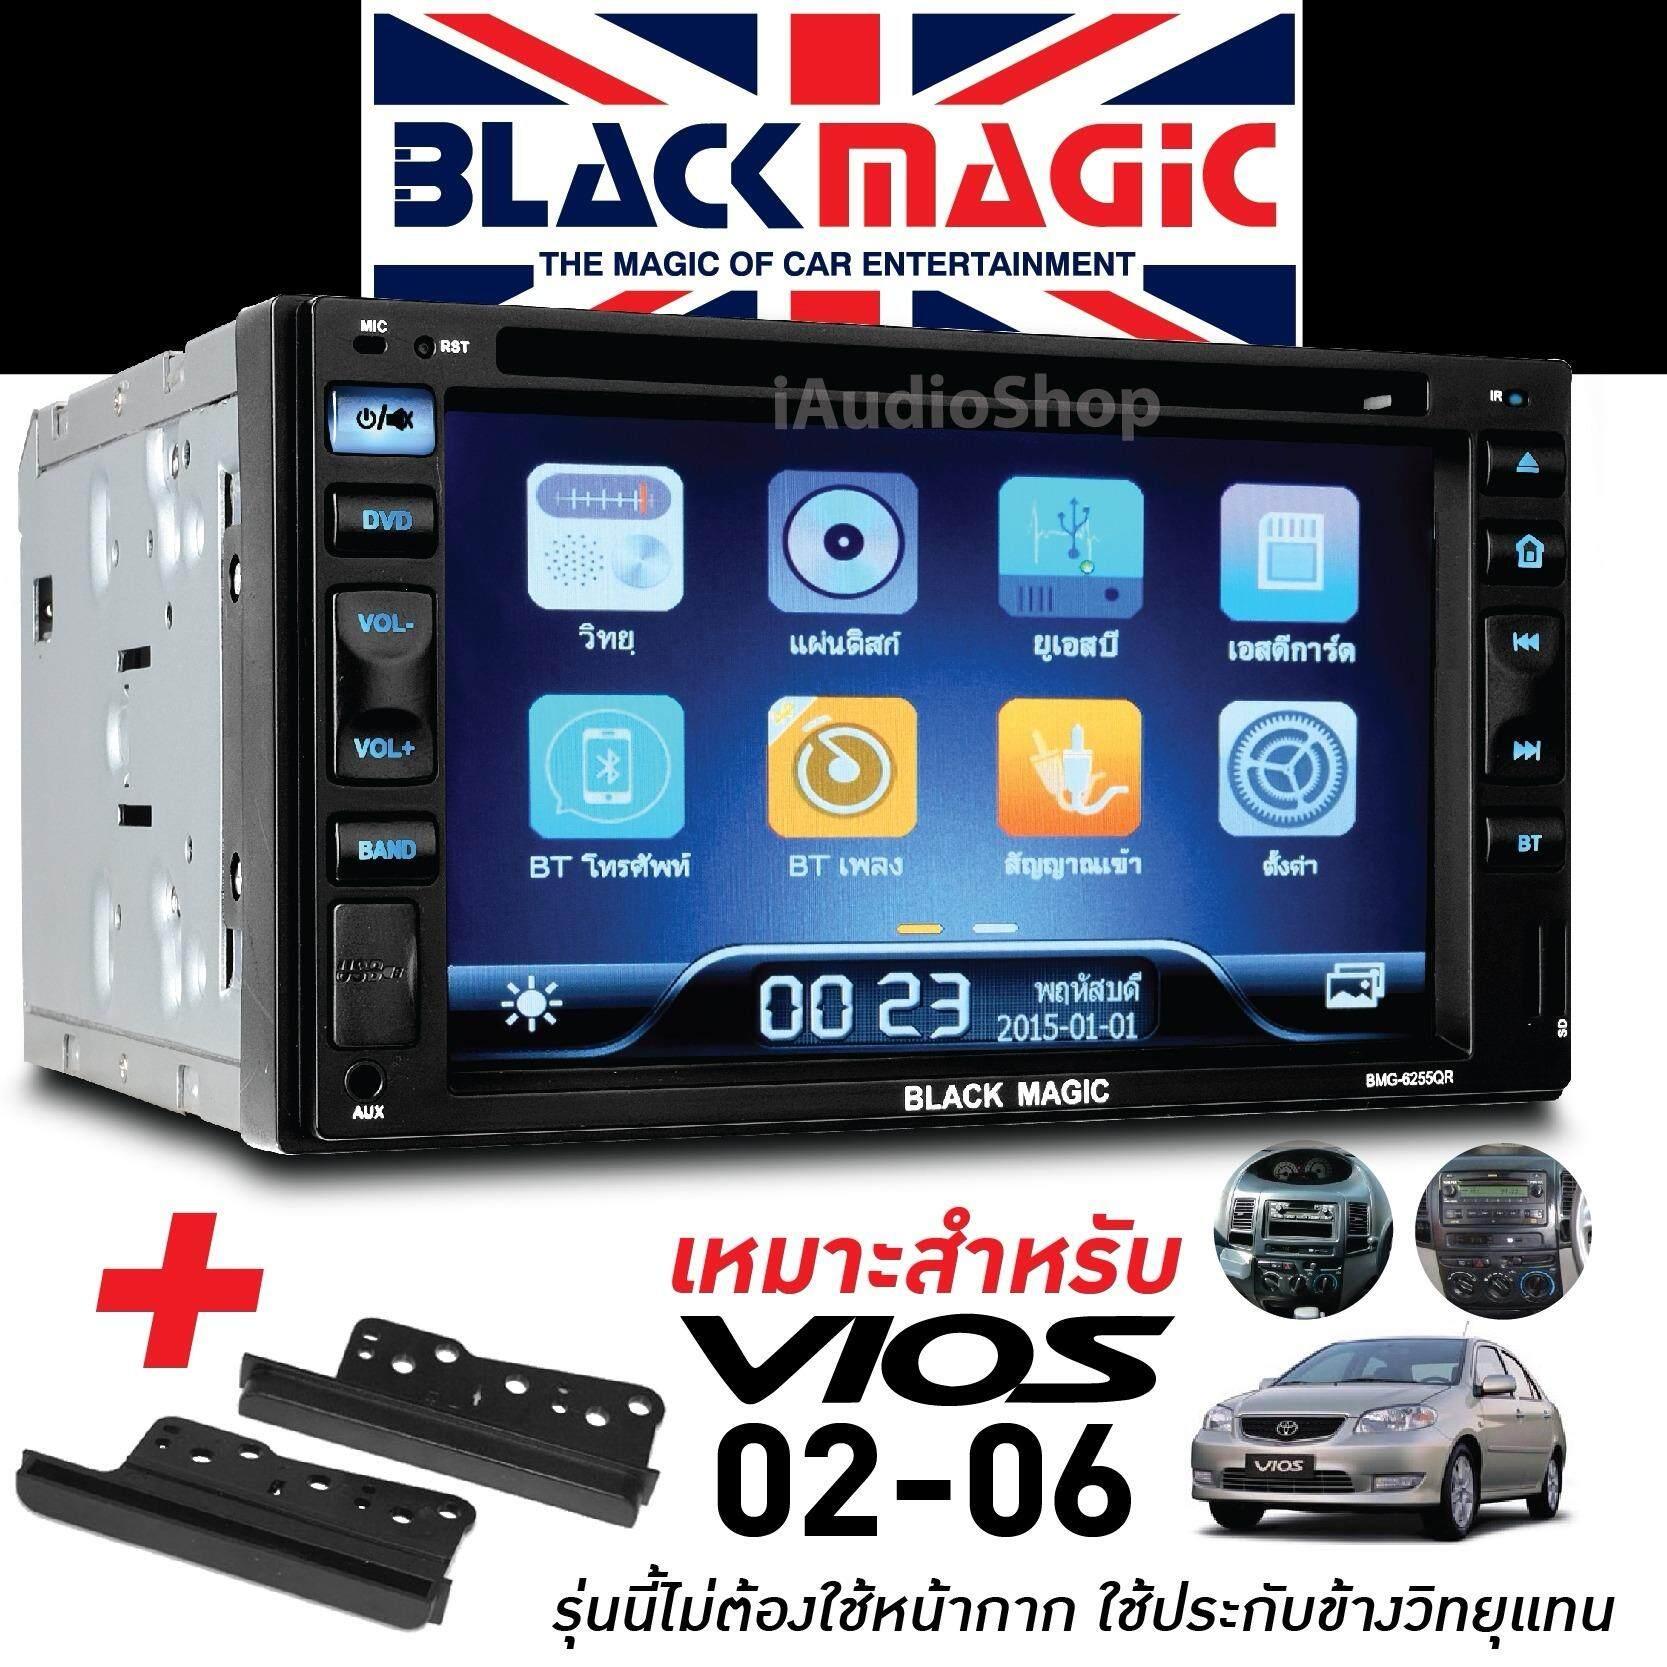 ขาย Black Magic วิทยุติดรถยนต์ จอติดรถยนต์ จอ2ดิน จอ2Din เครื่องเล่นติดรถยนต์ เครื่องเสียงรถยนต์ ตัวรับสัญญาณแบบสเตอริโอ แบบ 2Din Bmg 6255Qr ขนาด6 25นิ้ว แถม ประกับข้างวิทยุ เหมาะกับ Toyota Vios 02 06 Black Magic ผู้ค้าส่ง